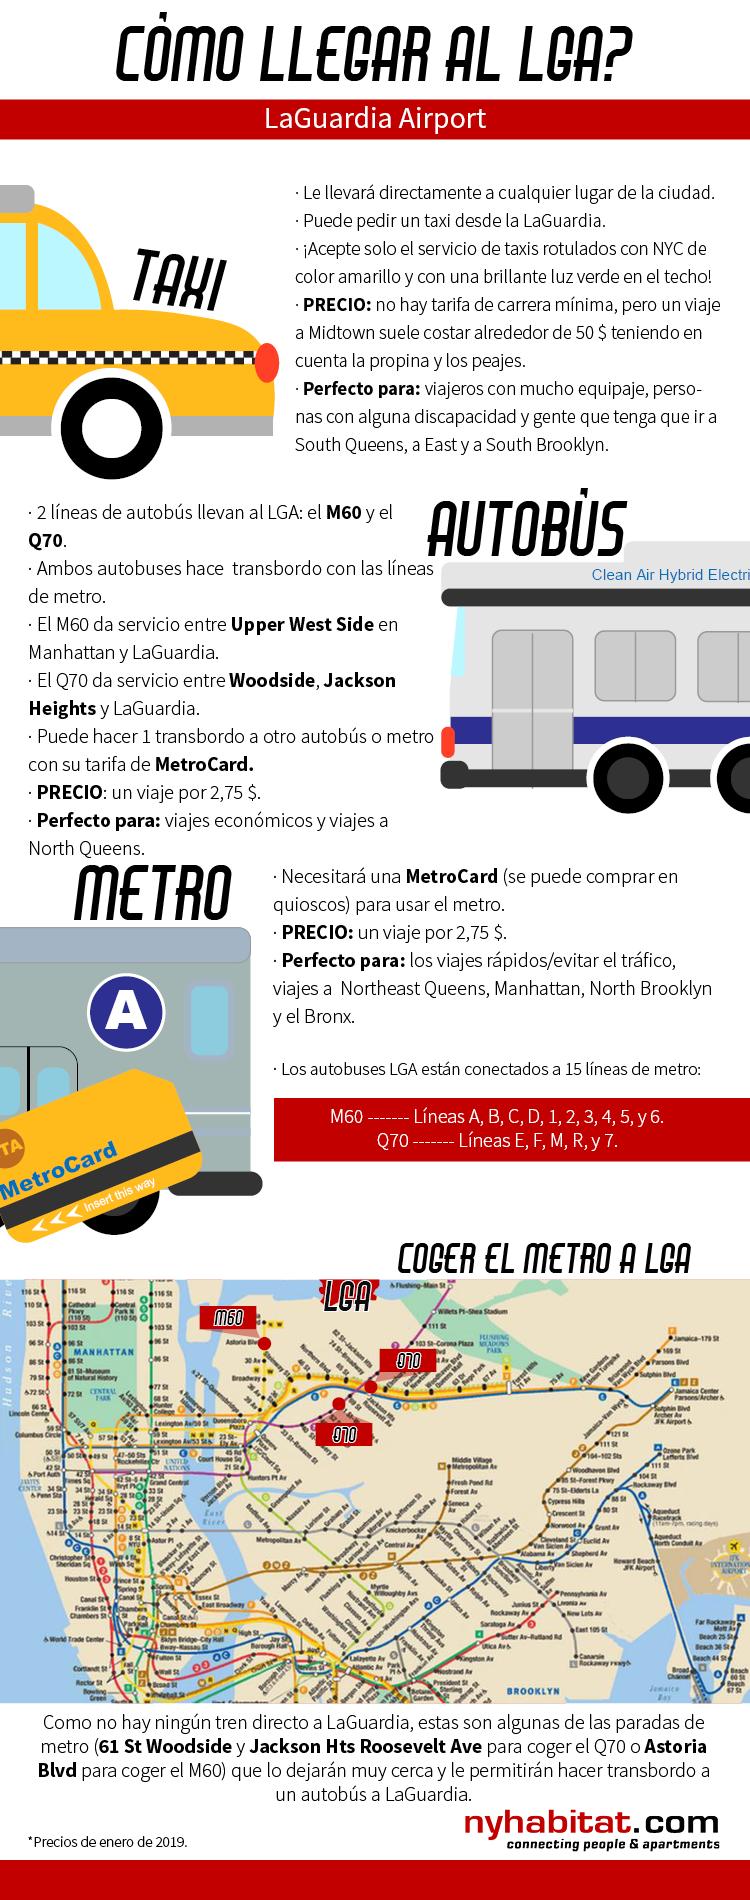 Ilustración de New York Habitat en la que se describen los medios de transporte que van a LaGuardia entre las que se incluyen taxi, autobuses y metro.